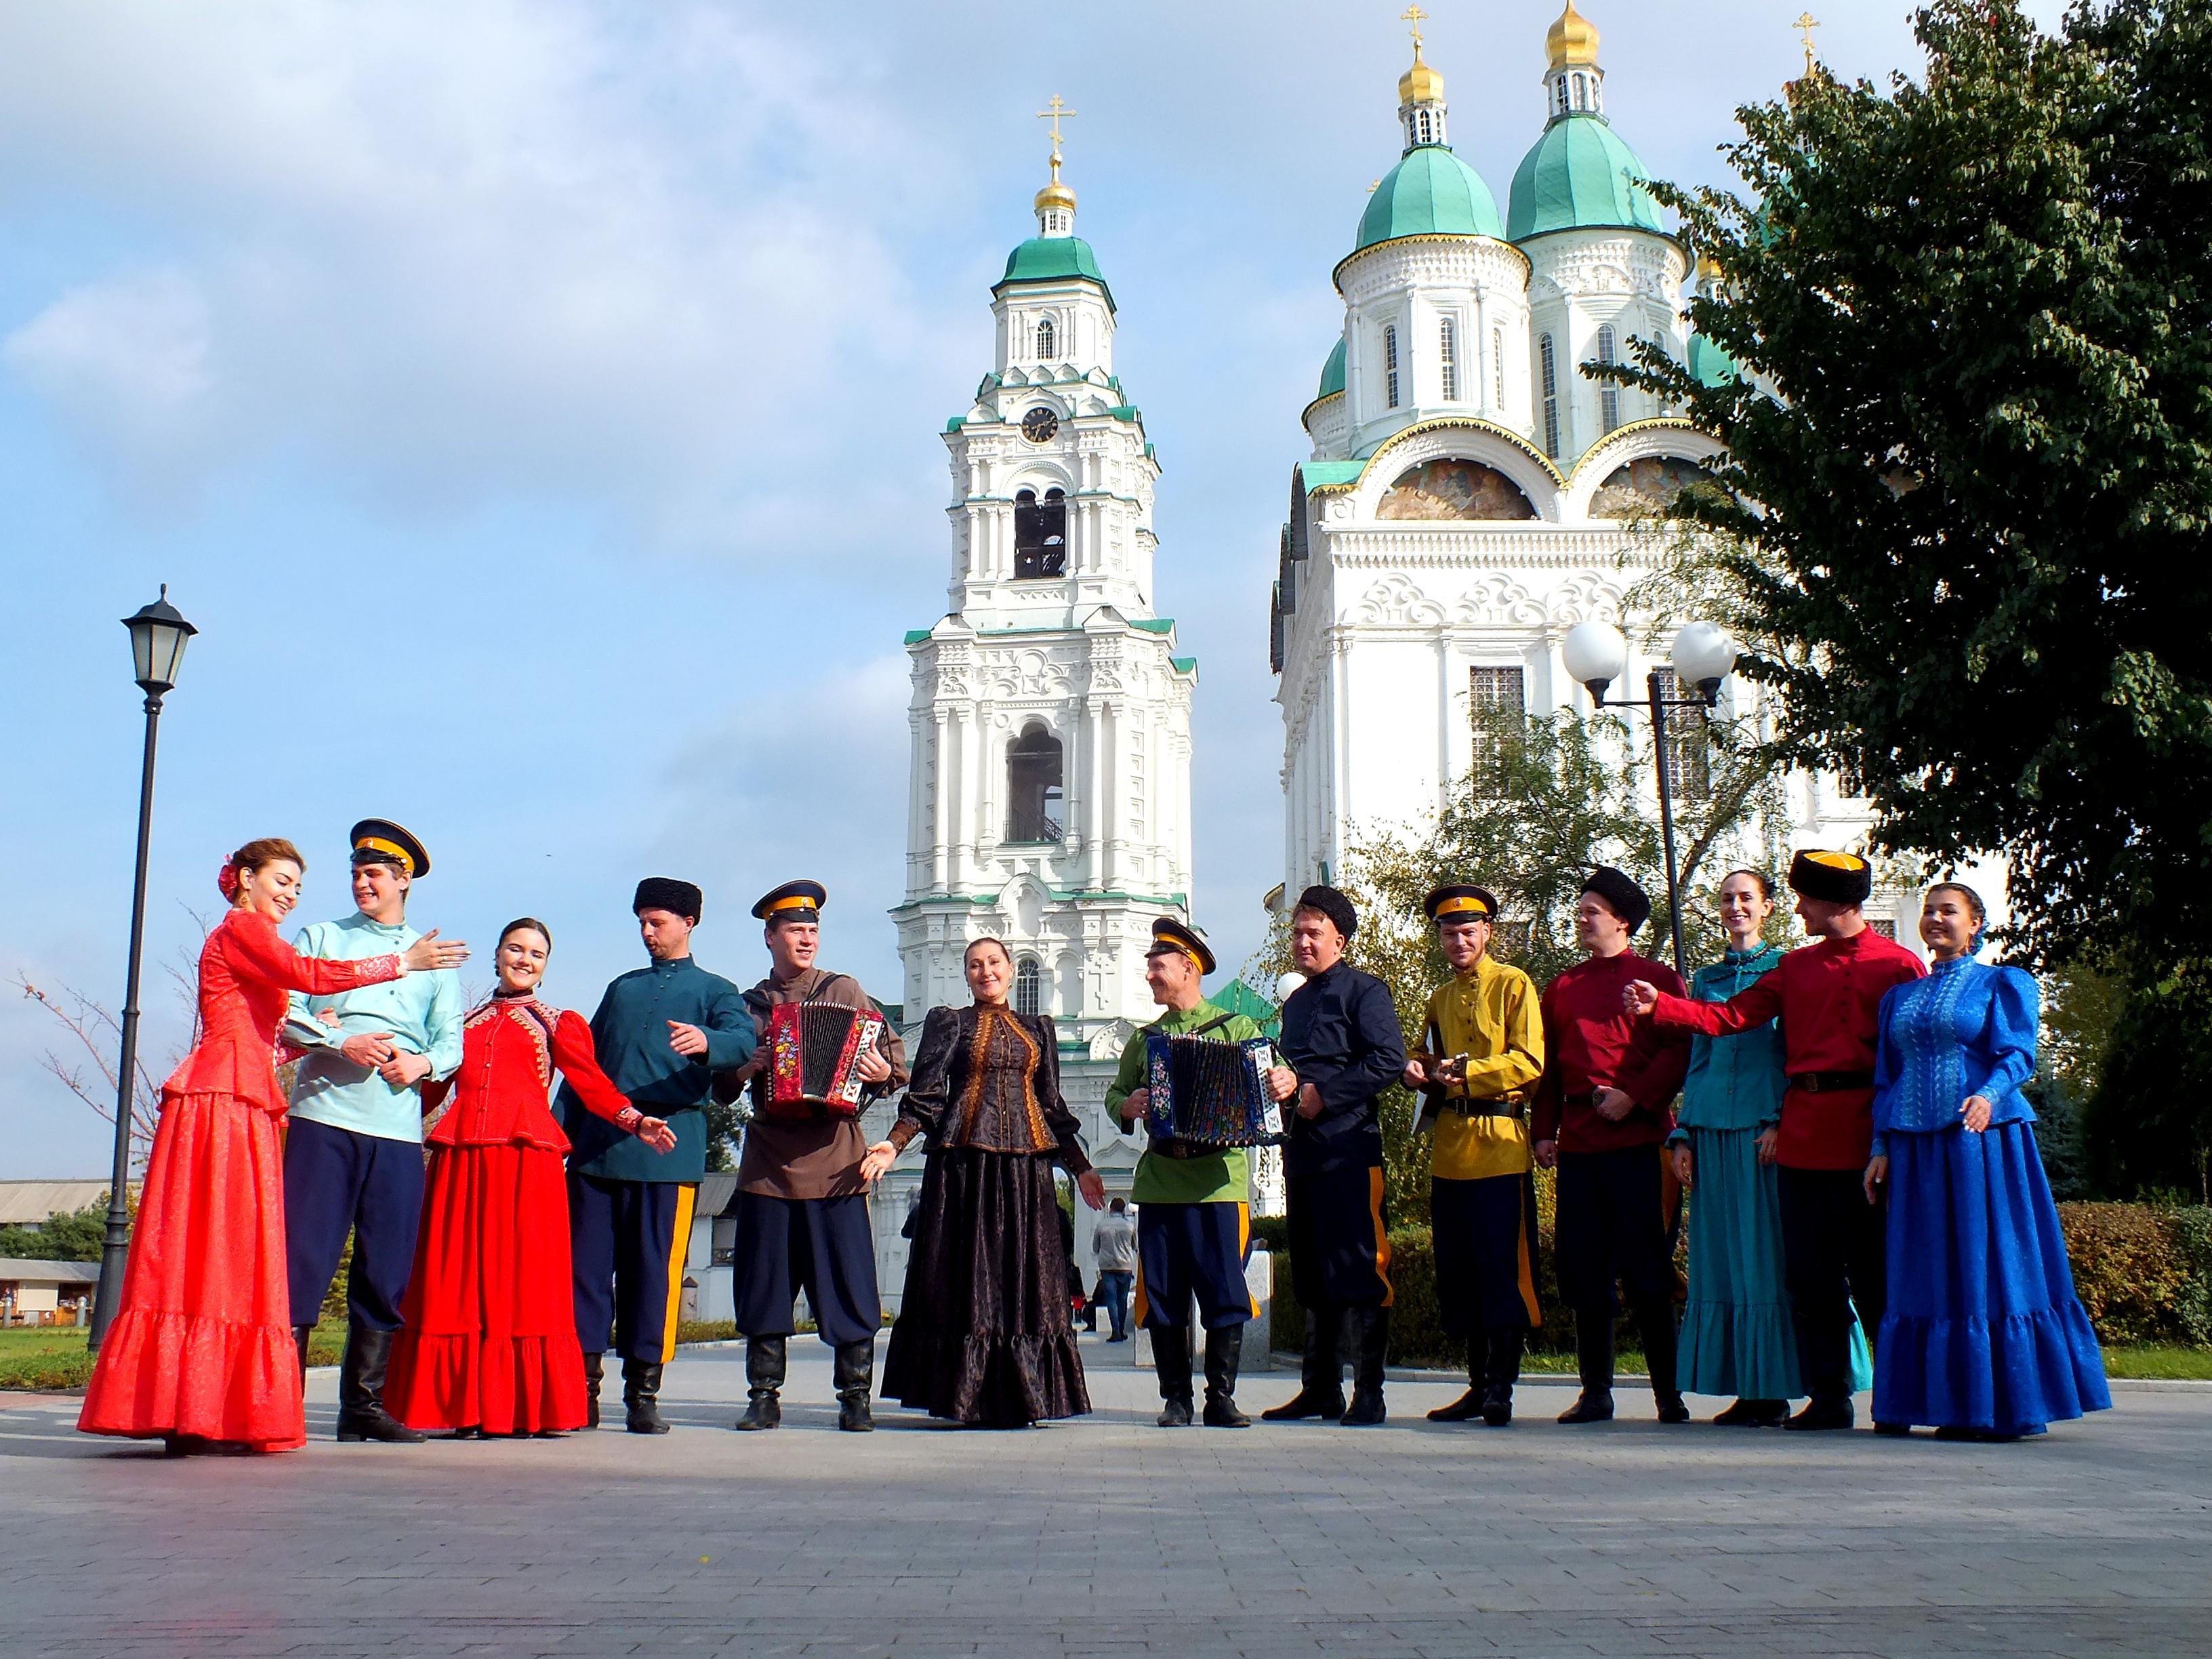 Ансамбль традиционной песни астраханских казаков празднует 5-летие